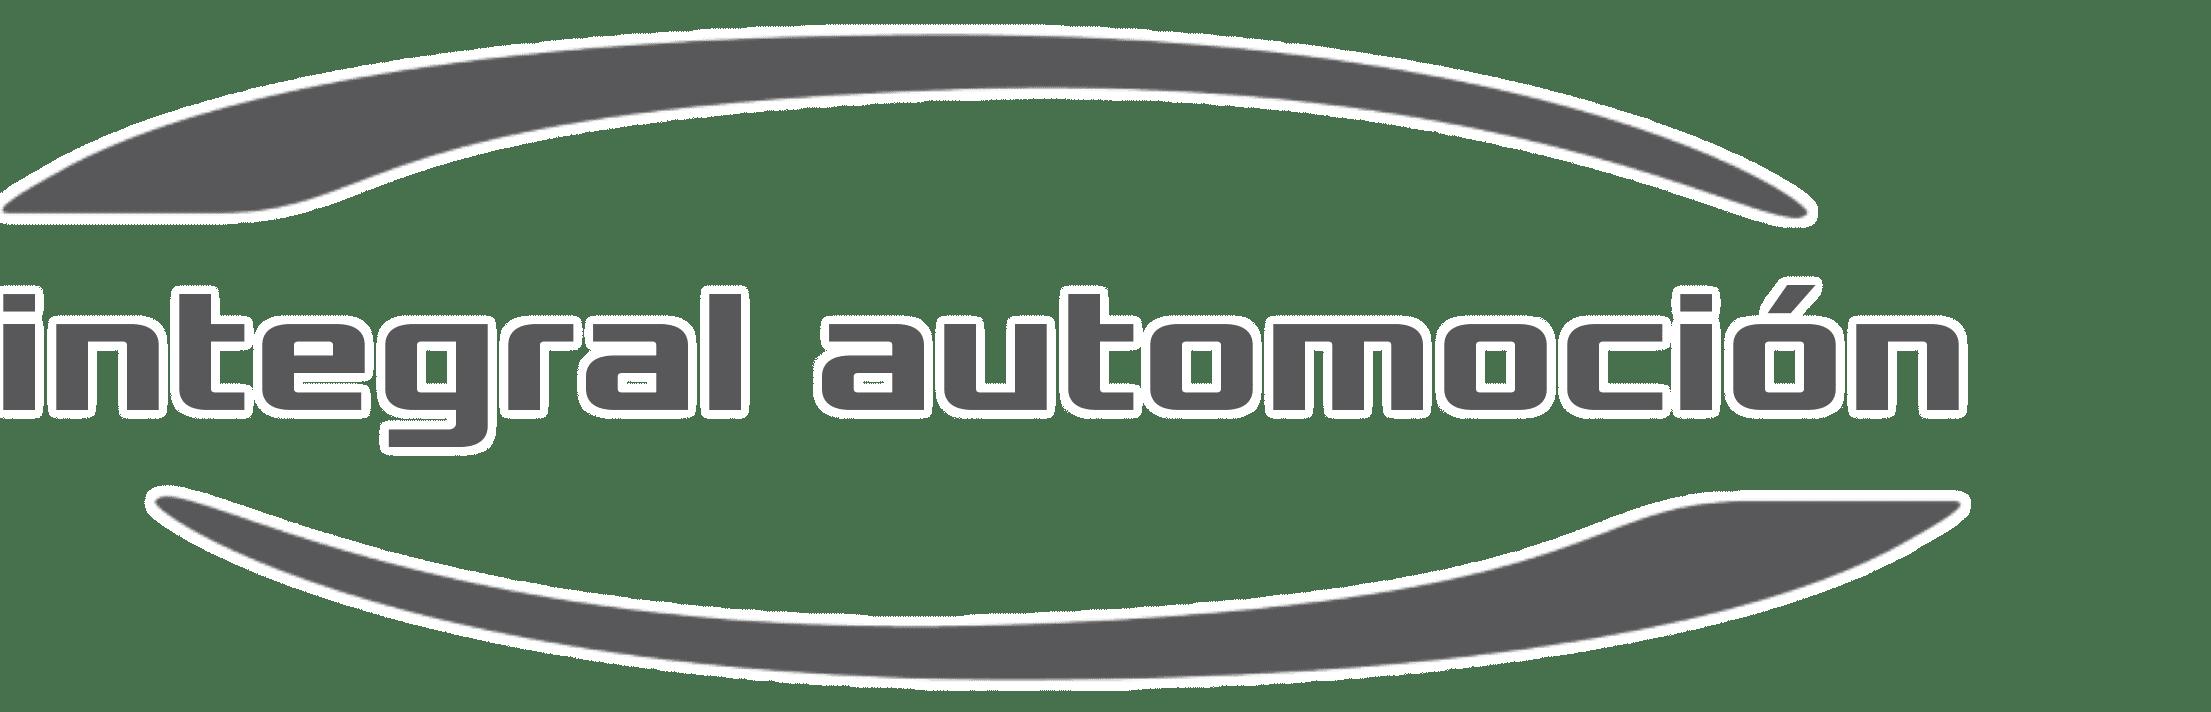 INTEGRAL AUTOMOCIÓN, Servicio Oficial Opel en Naron (Ferrol)